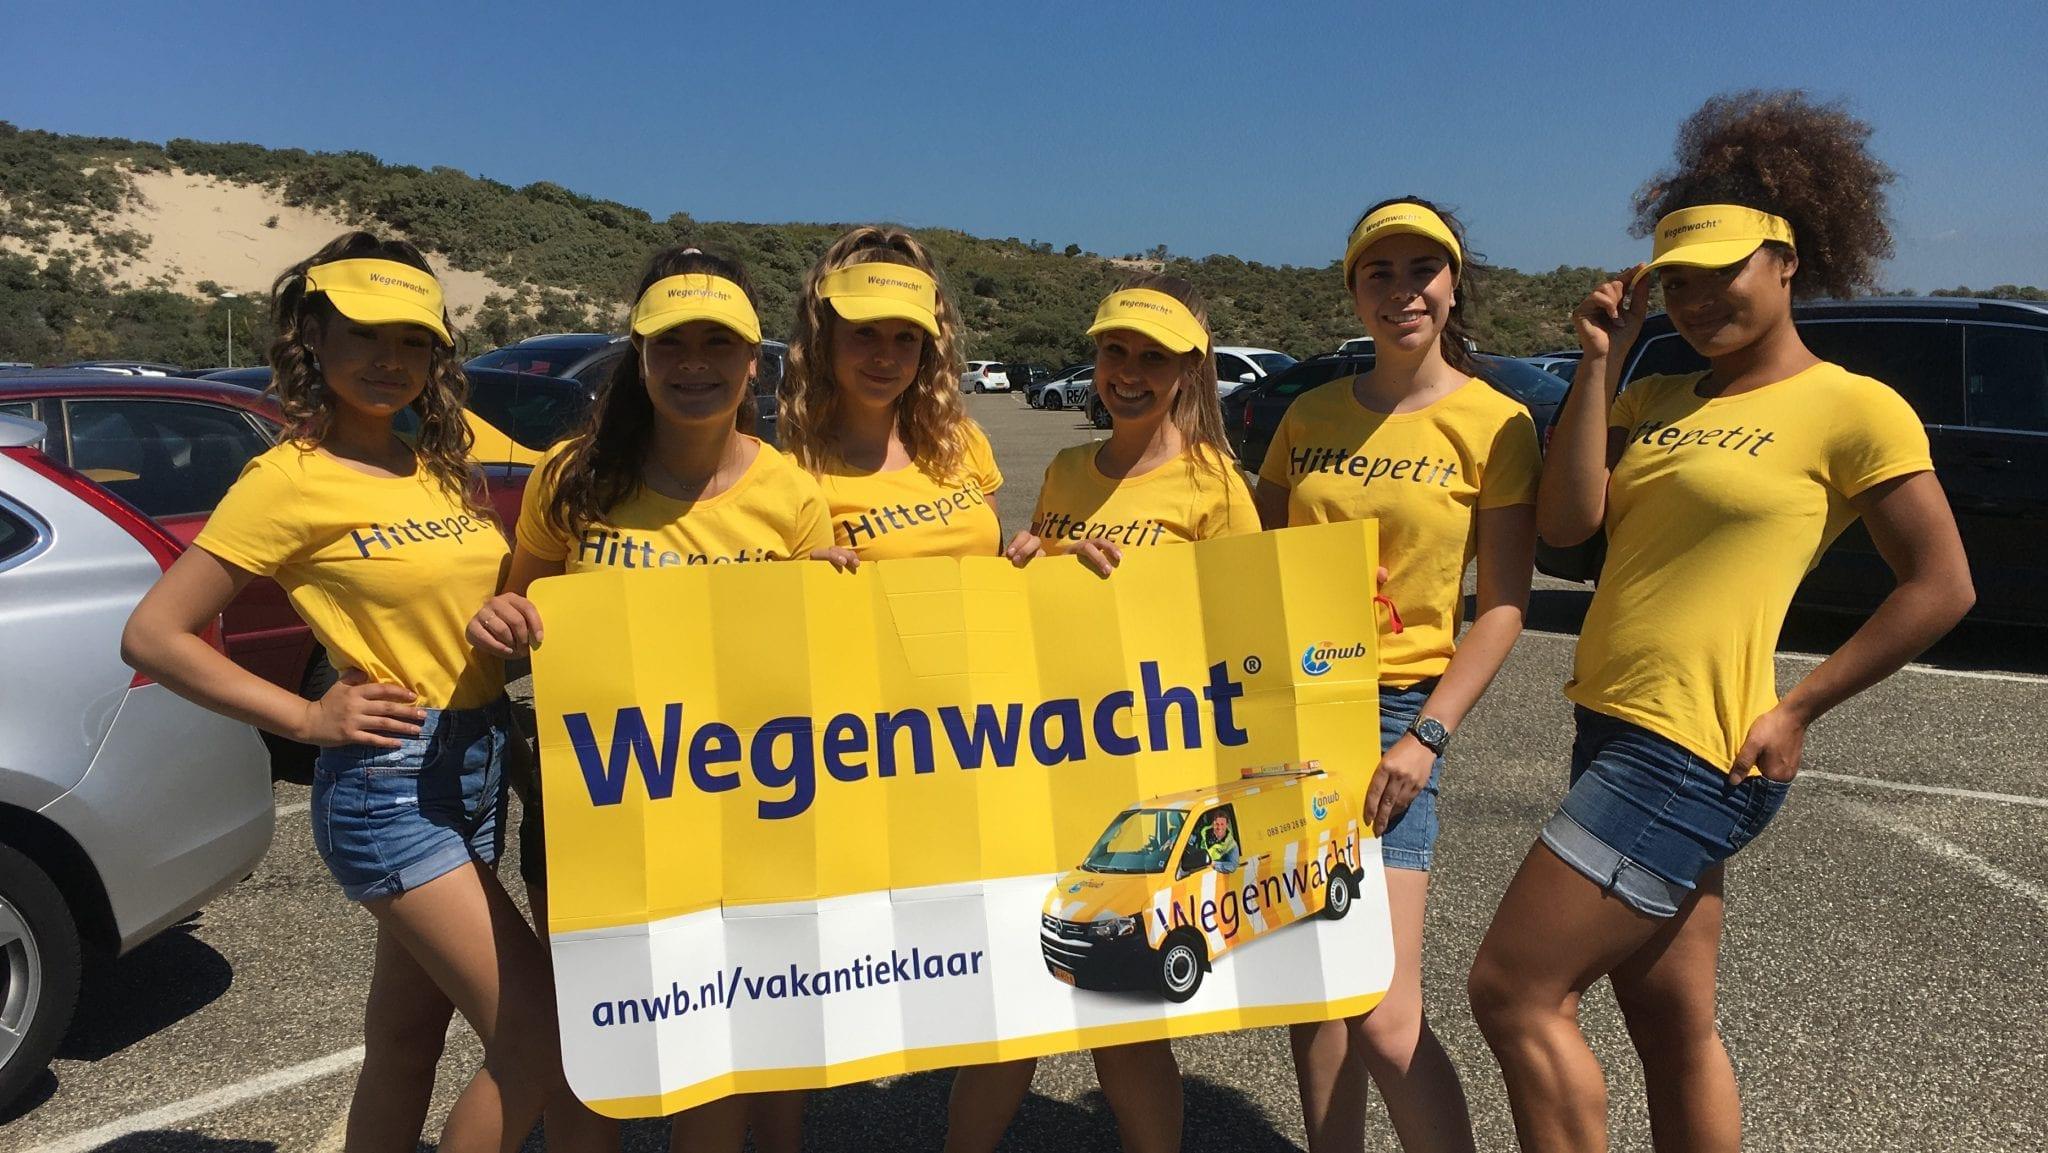 Hitteblog: Hittepetits van ANWB zorgen voor koele auto's in Wassenaar